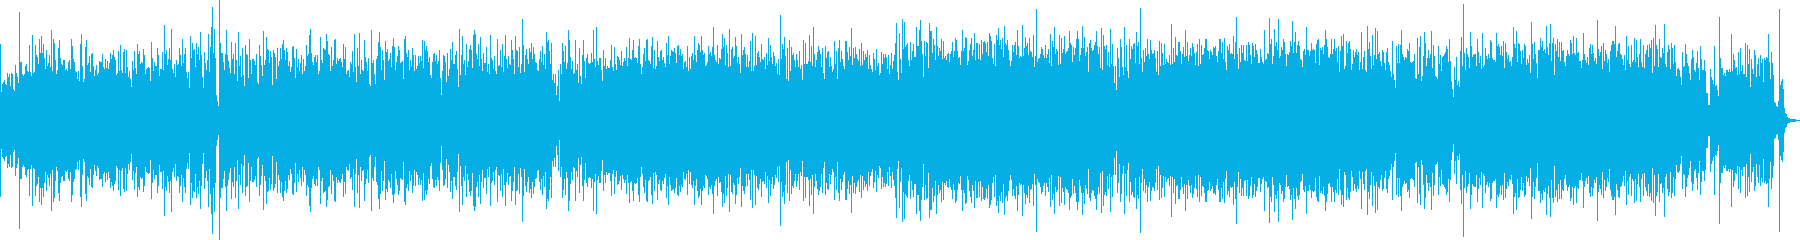 疾走感あふれるピアノ・ラテンジャズの再生済みの波形